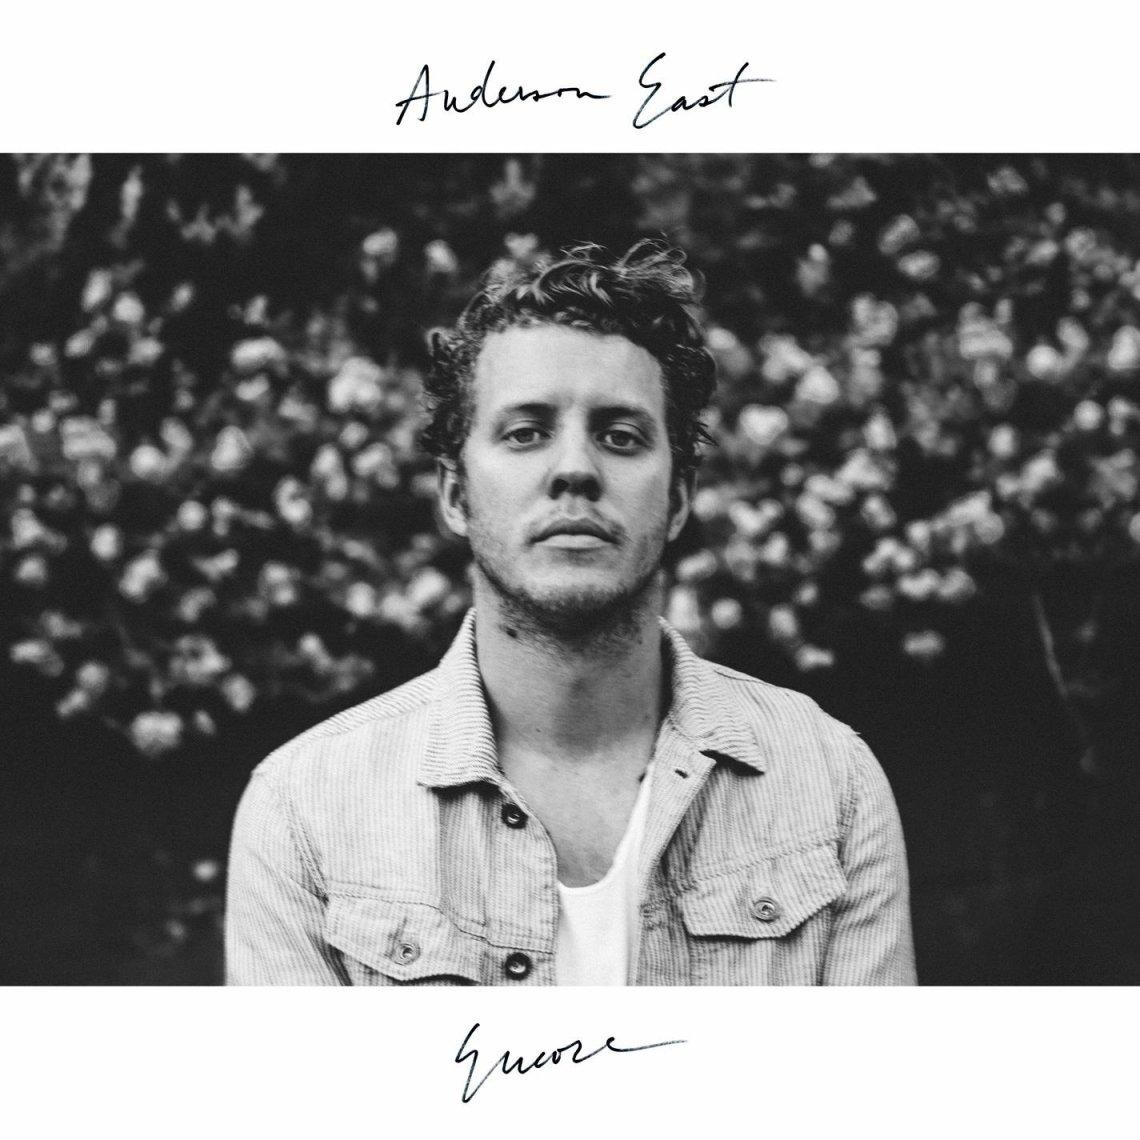 Anderson East - Encore lyrics